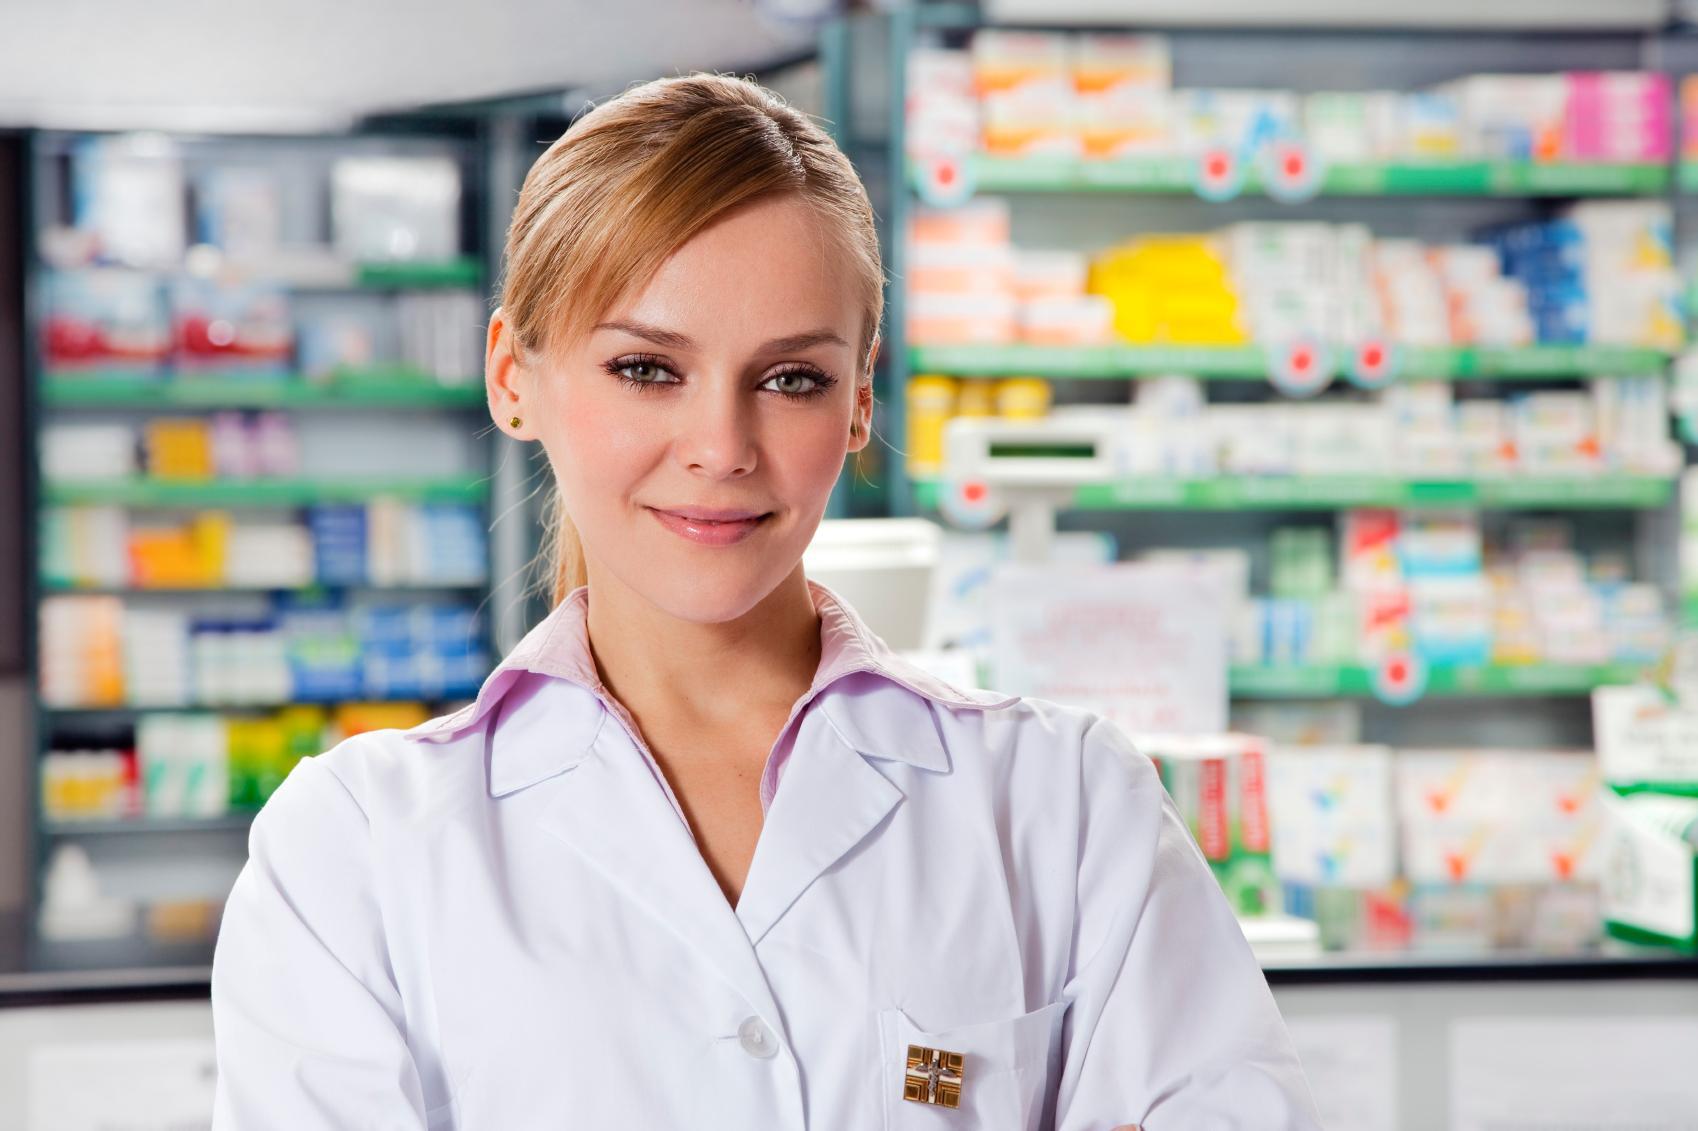 красивое и прикольное фото для фармацевта